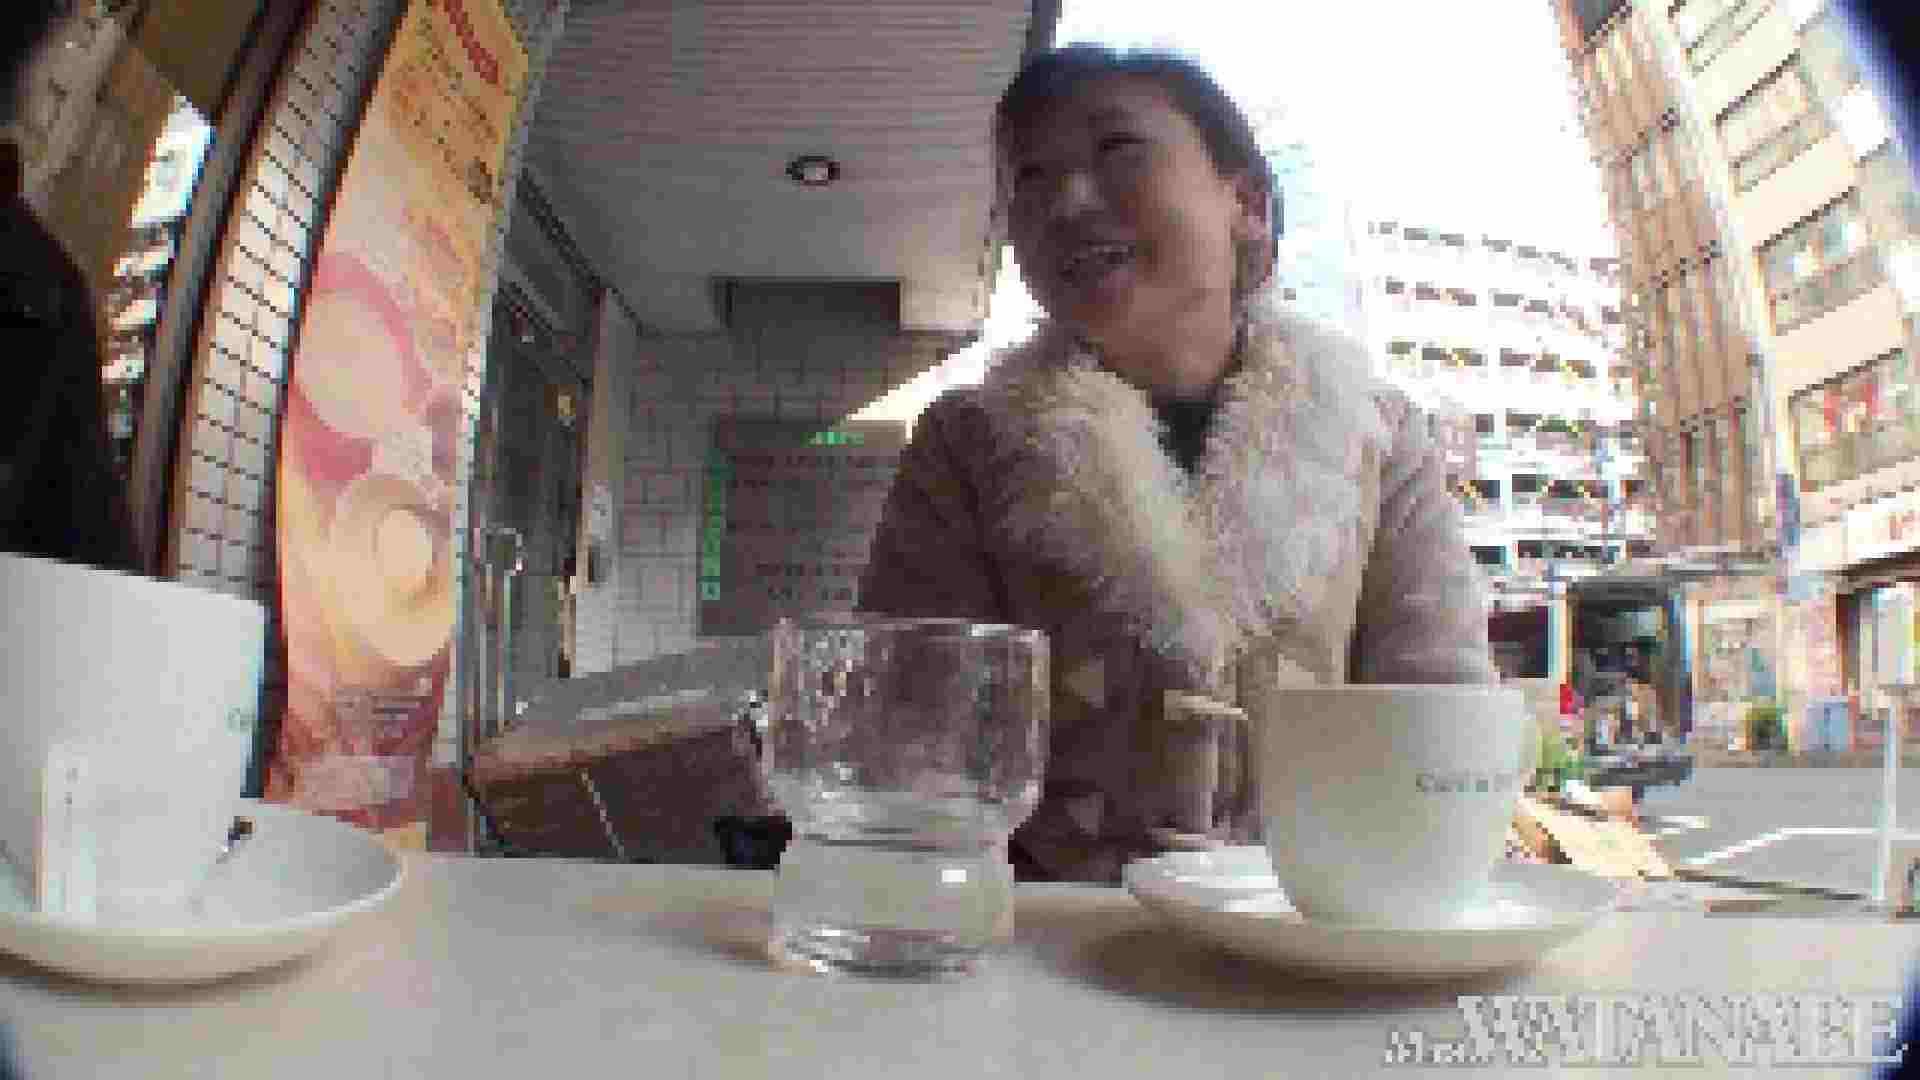 撮影スタッフを誘惑する痴熟女 かおり40歳 Vol.01 OLのエッチ オマンコ動画キャプチャ 73pic 62